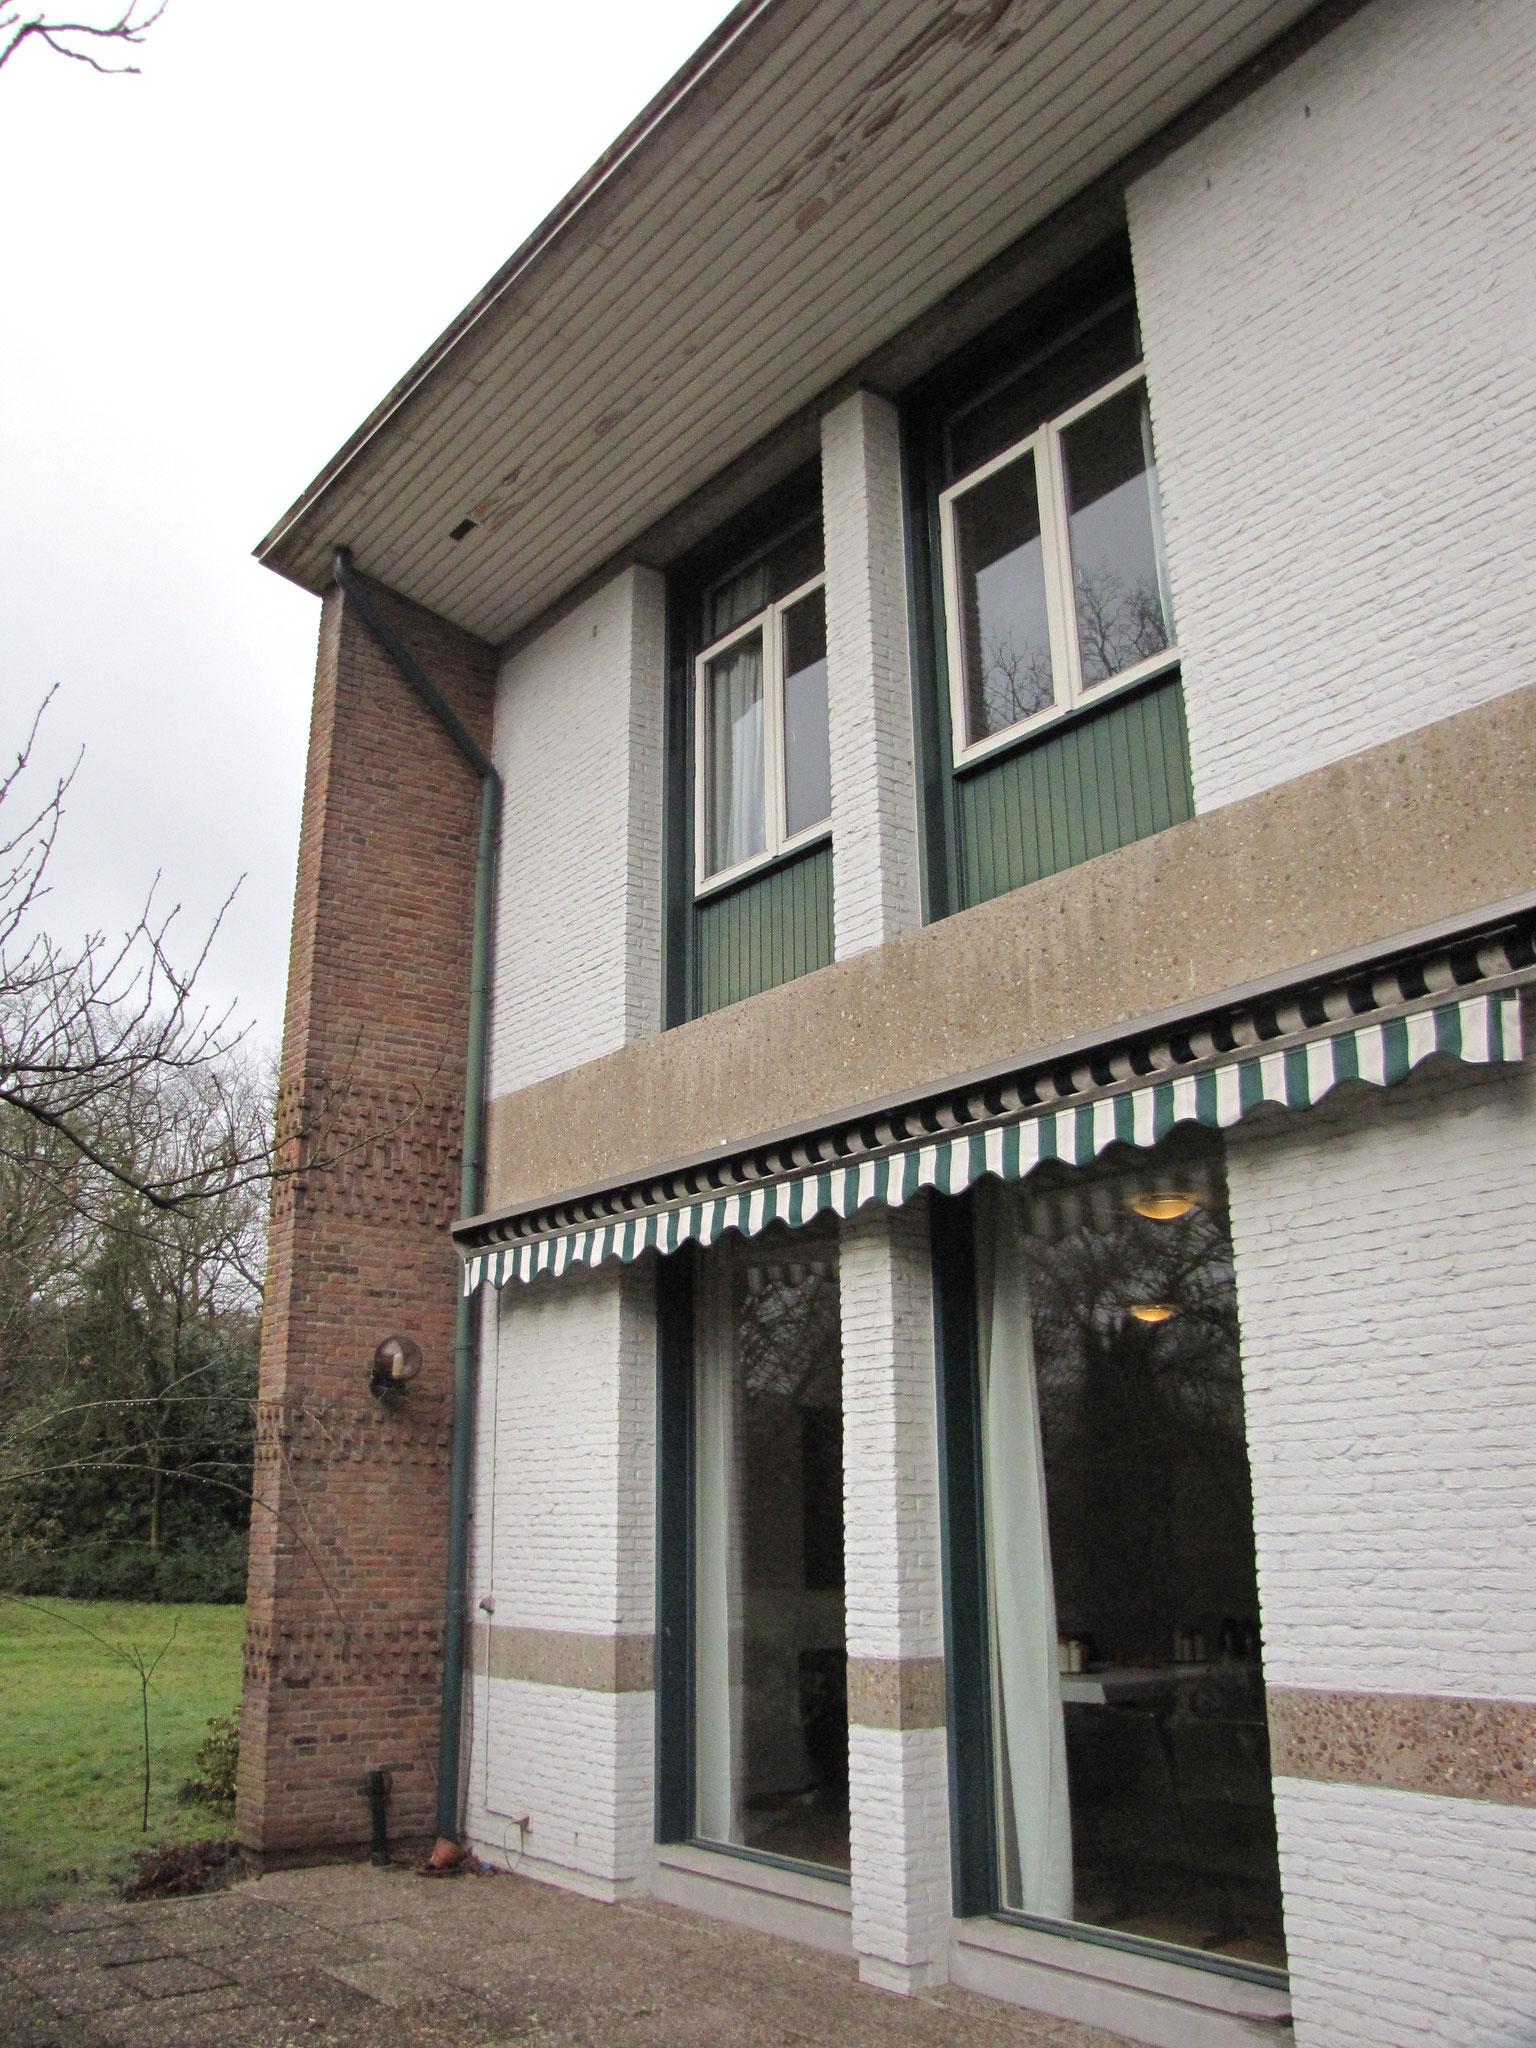 Detail van de achtergevel van het huis: rijke detaillering in metselwerk, opvallende terugliggende vensterpartijen.